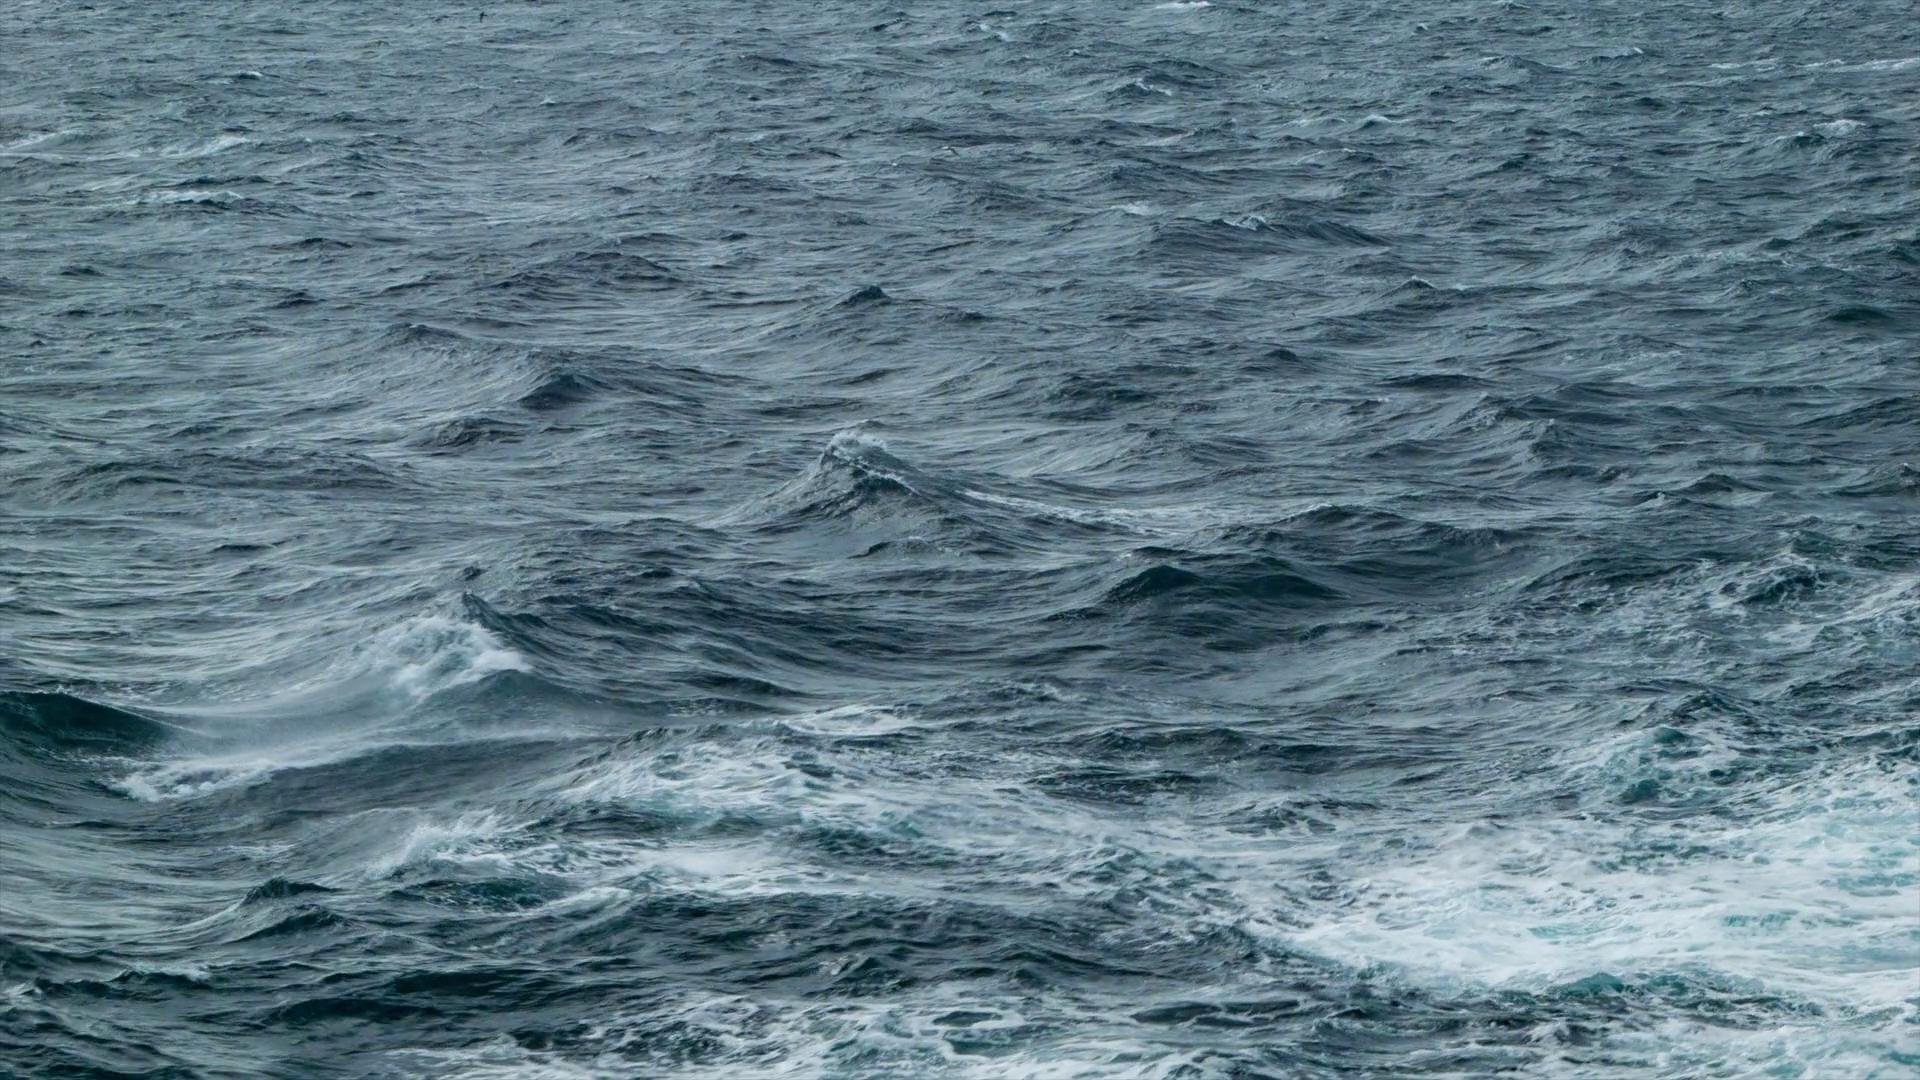 море, дете, удавено